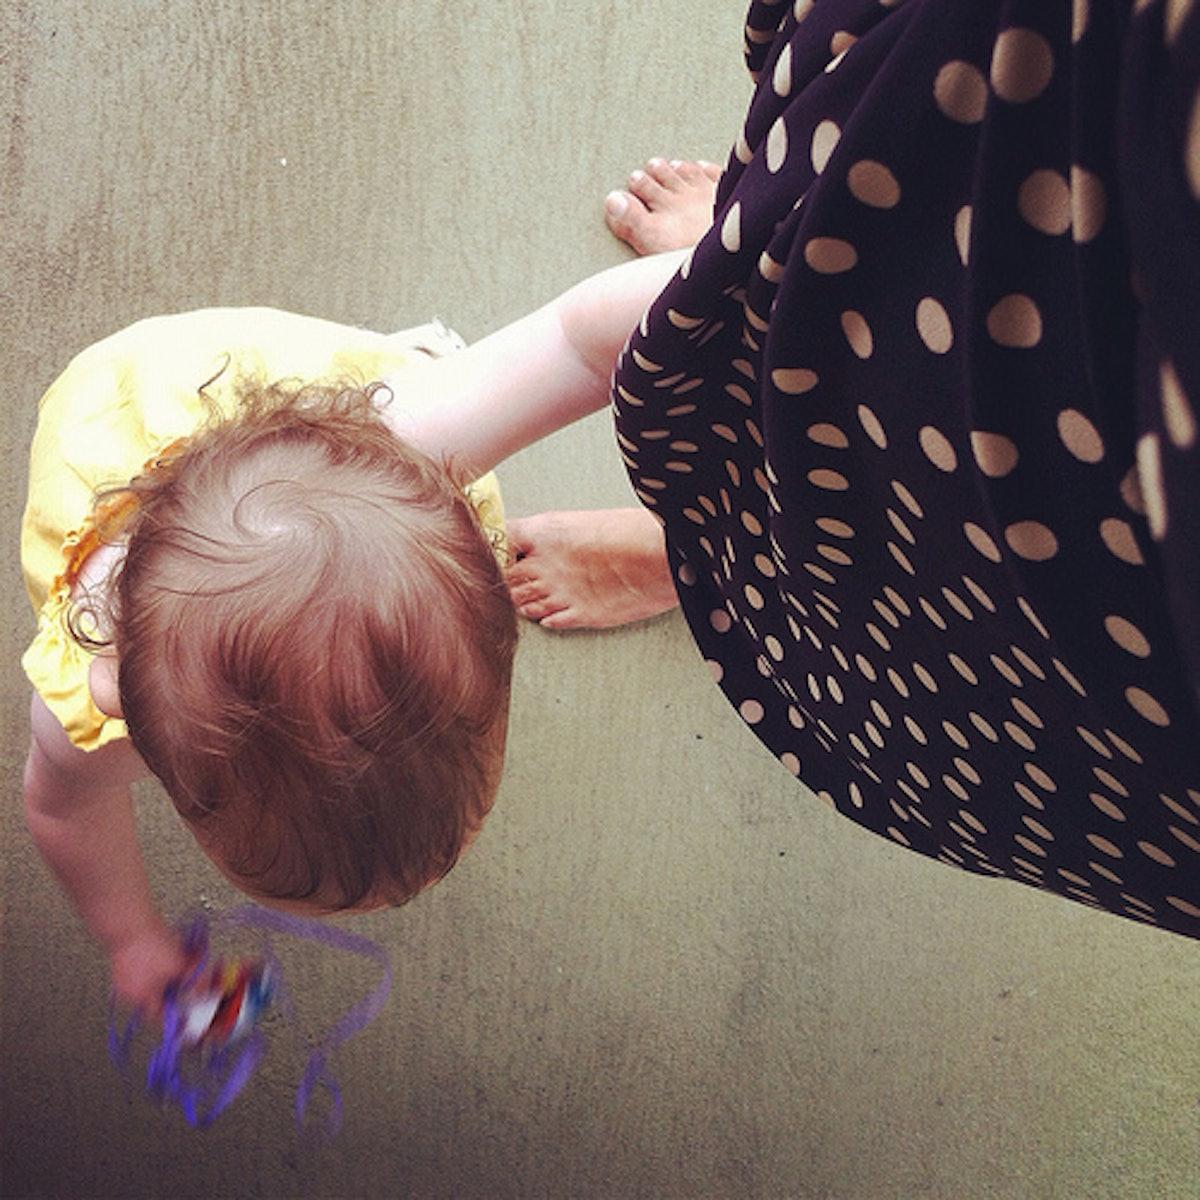 us census bureau 2011 single parent families Australian households and families eleven percent were single parent families with dependent children and 22% were one-parent families in the 2011 census.